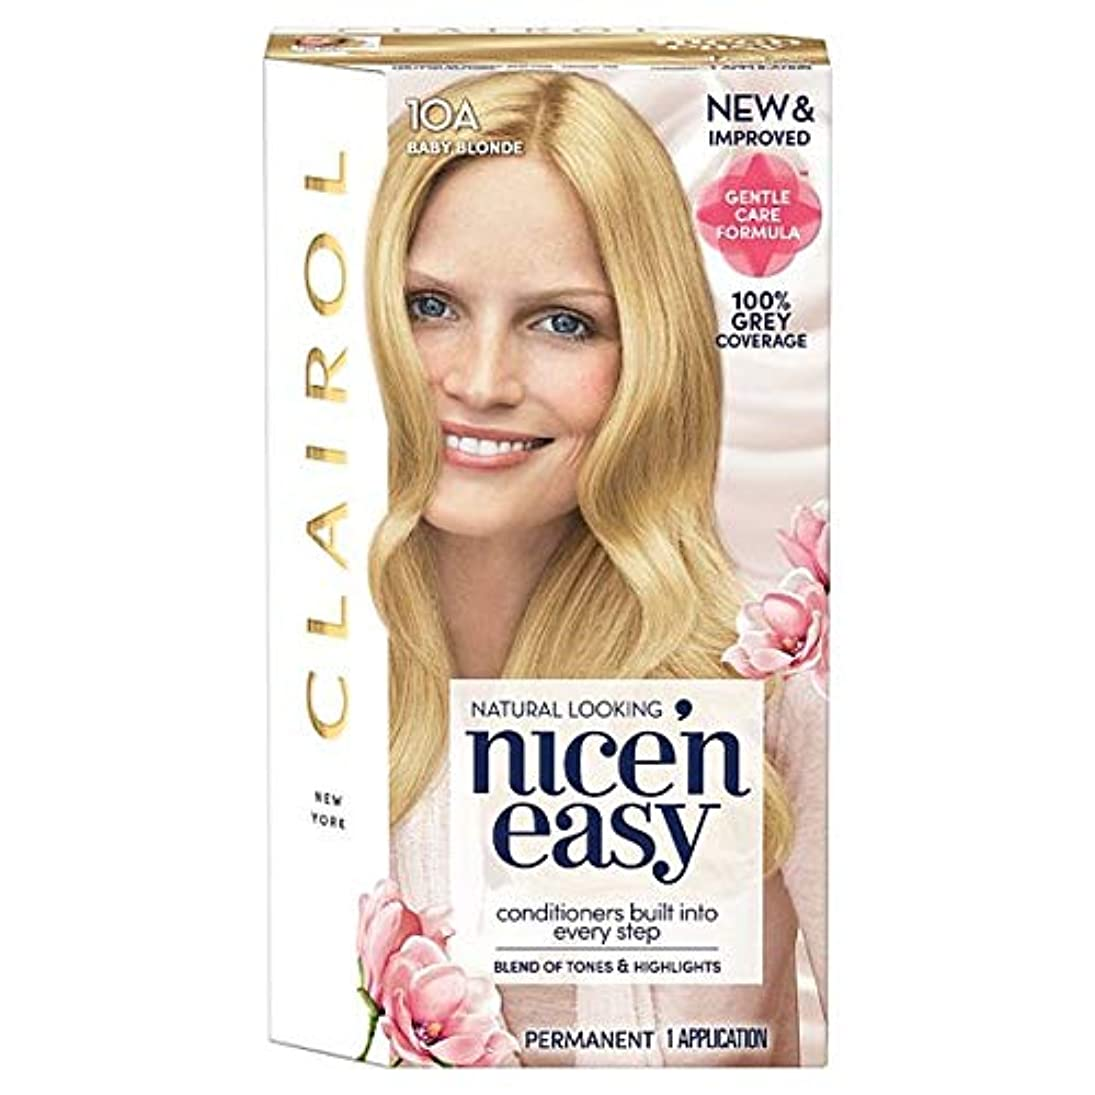 獲物浅い顕著[Nice'n Easy] クレイロール素敵な「N簡単赤ん坊ブロンド10Aの染毛剤 - Clairol Nice 'N Easy Baby Blonde 10A Hair Dye [並行輸入品]